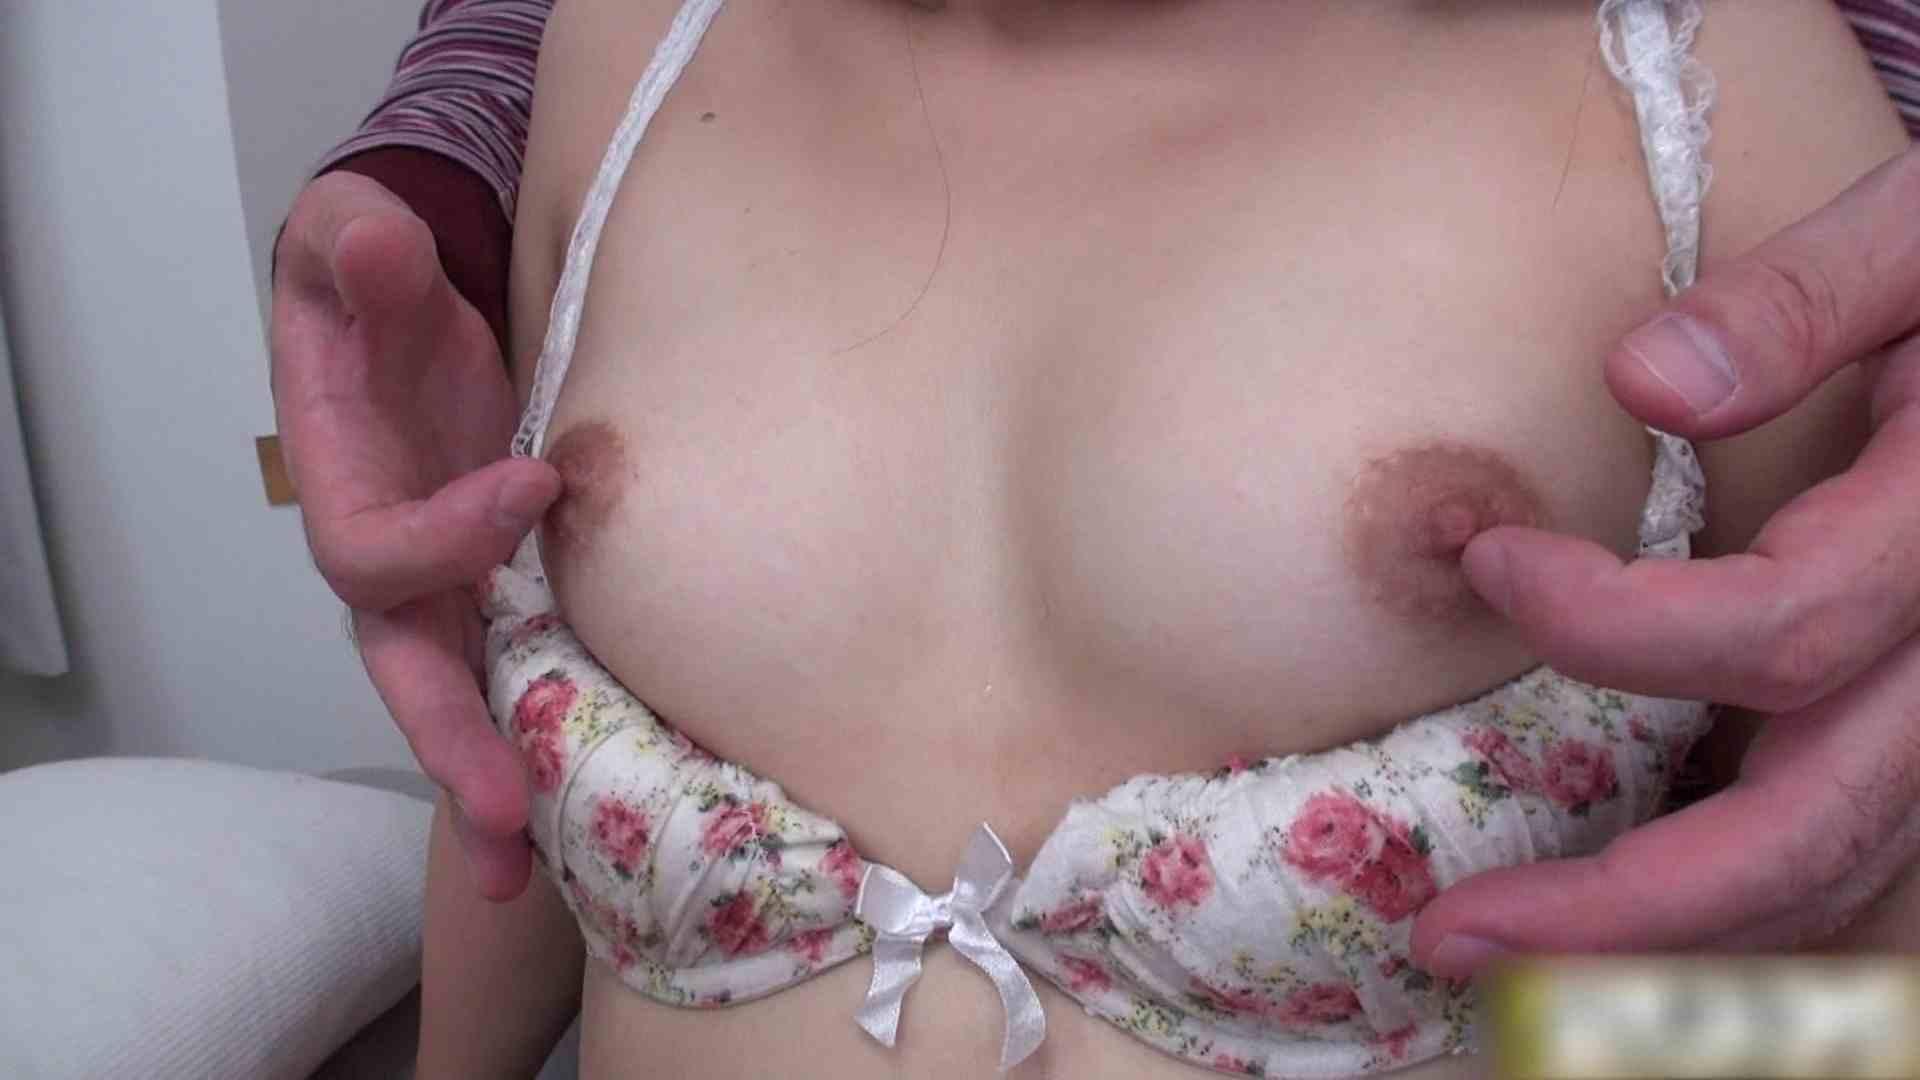 おしえてギャル子のH塾 Vol.12 前編 一般投稿 すけべAV動画紹介 106枚 33